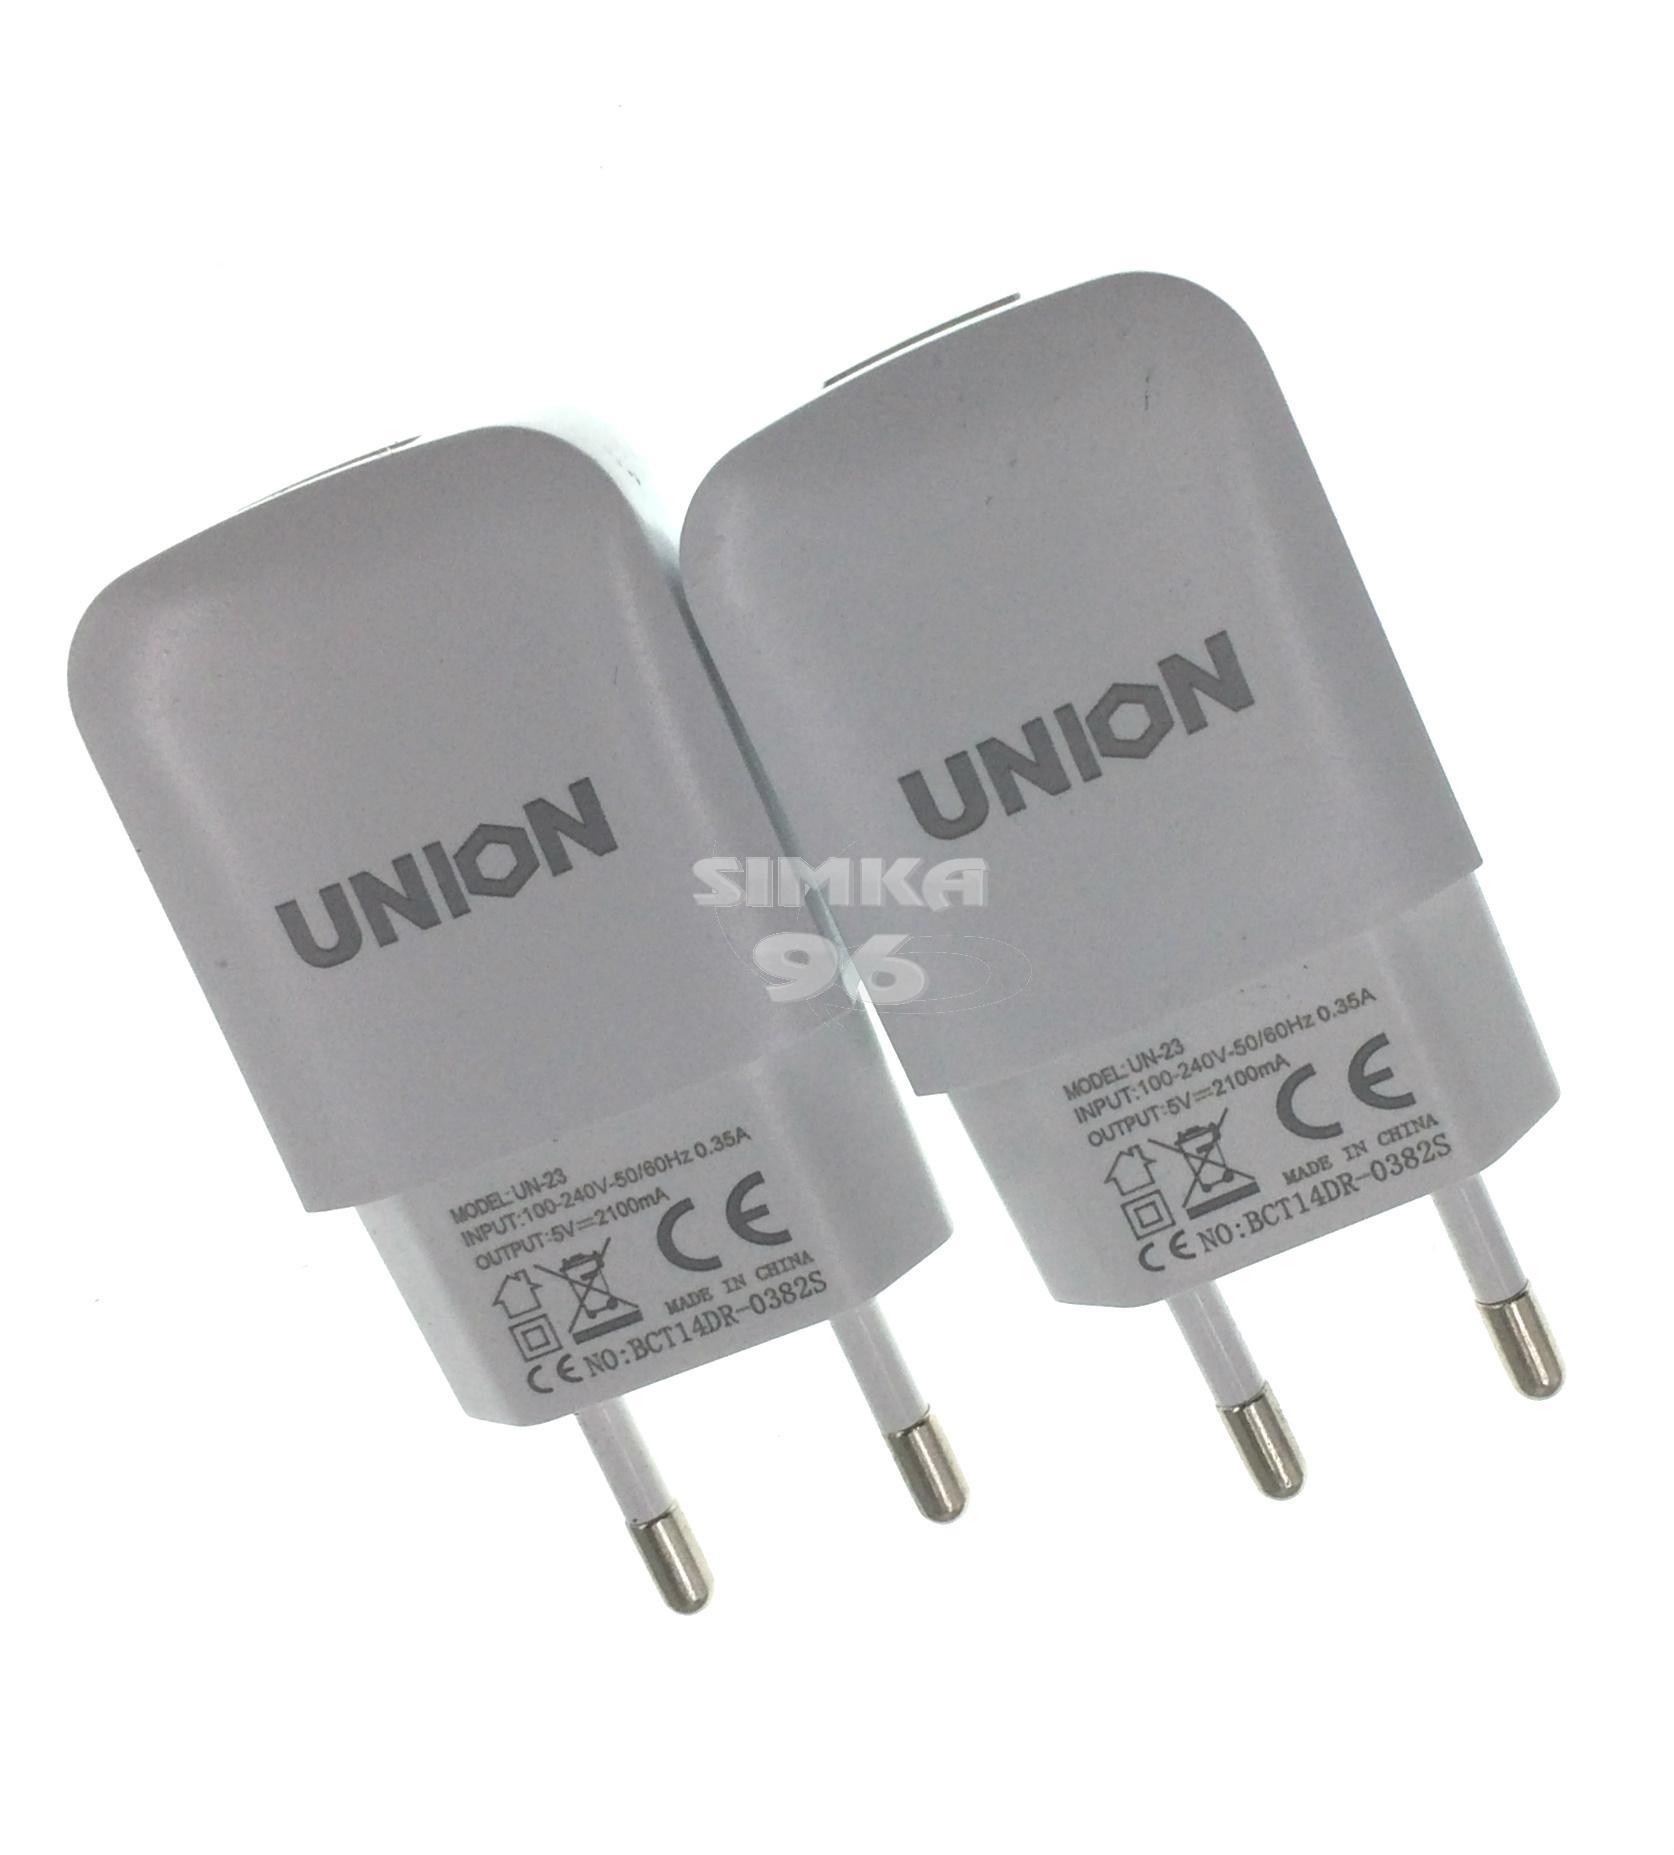 СЗУ  1 выход USB  2.1А  UNION